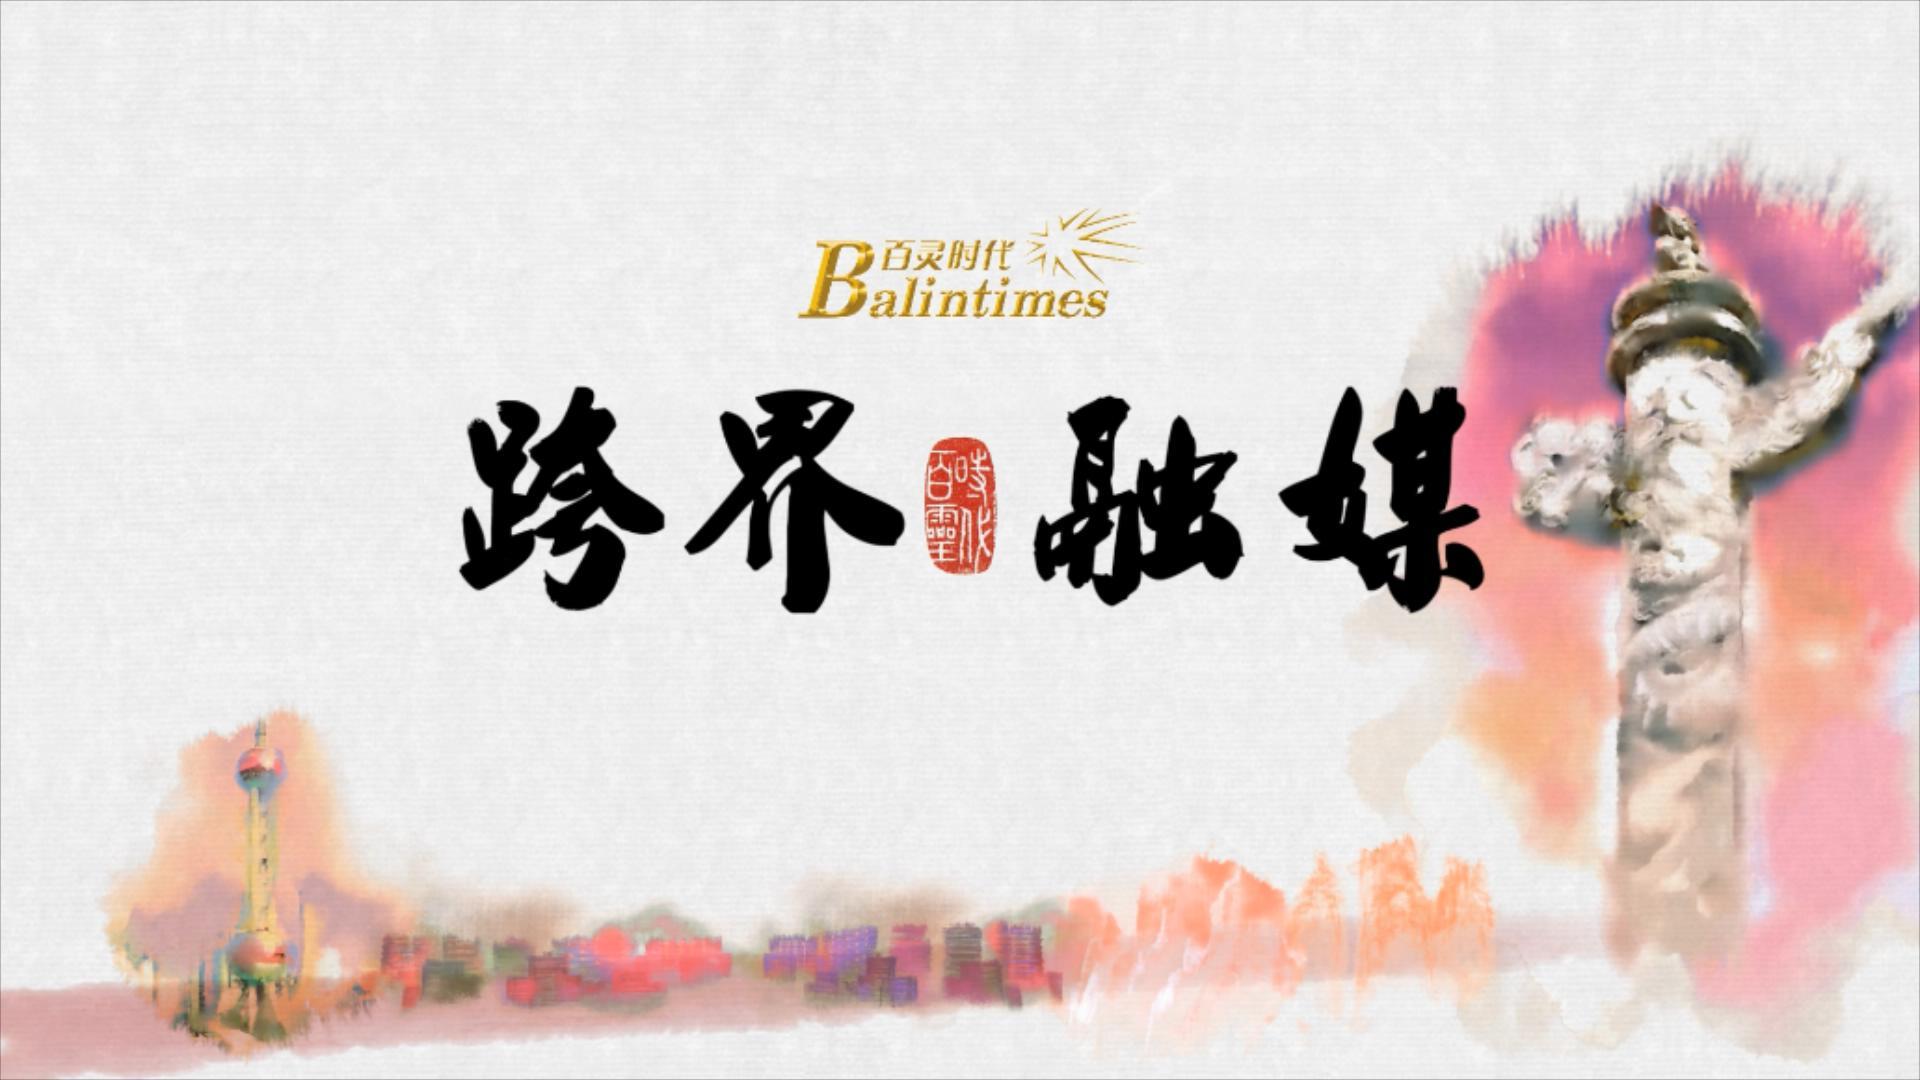 影视案例插图12奥格威(中国)官方网站-影视视频制作 ·拍摄·剪辑·推广